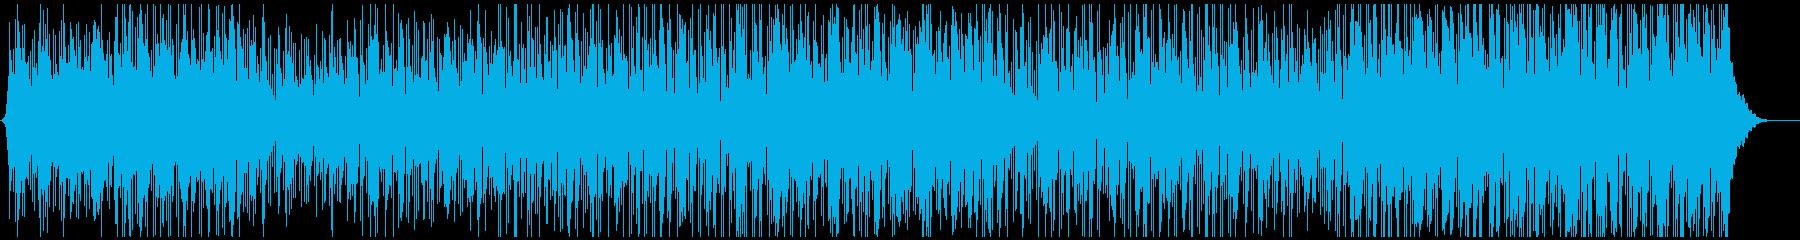 スロー。オールディーズ。 70年代...の再生済みの波形